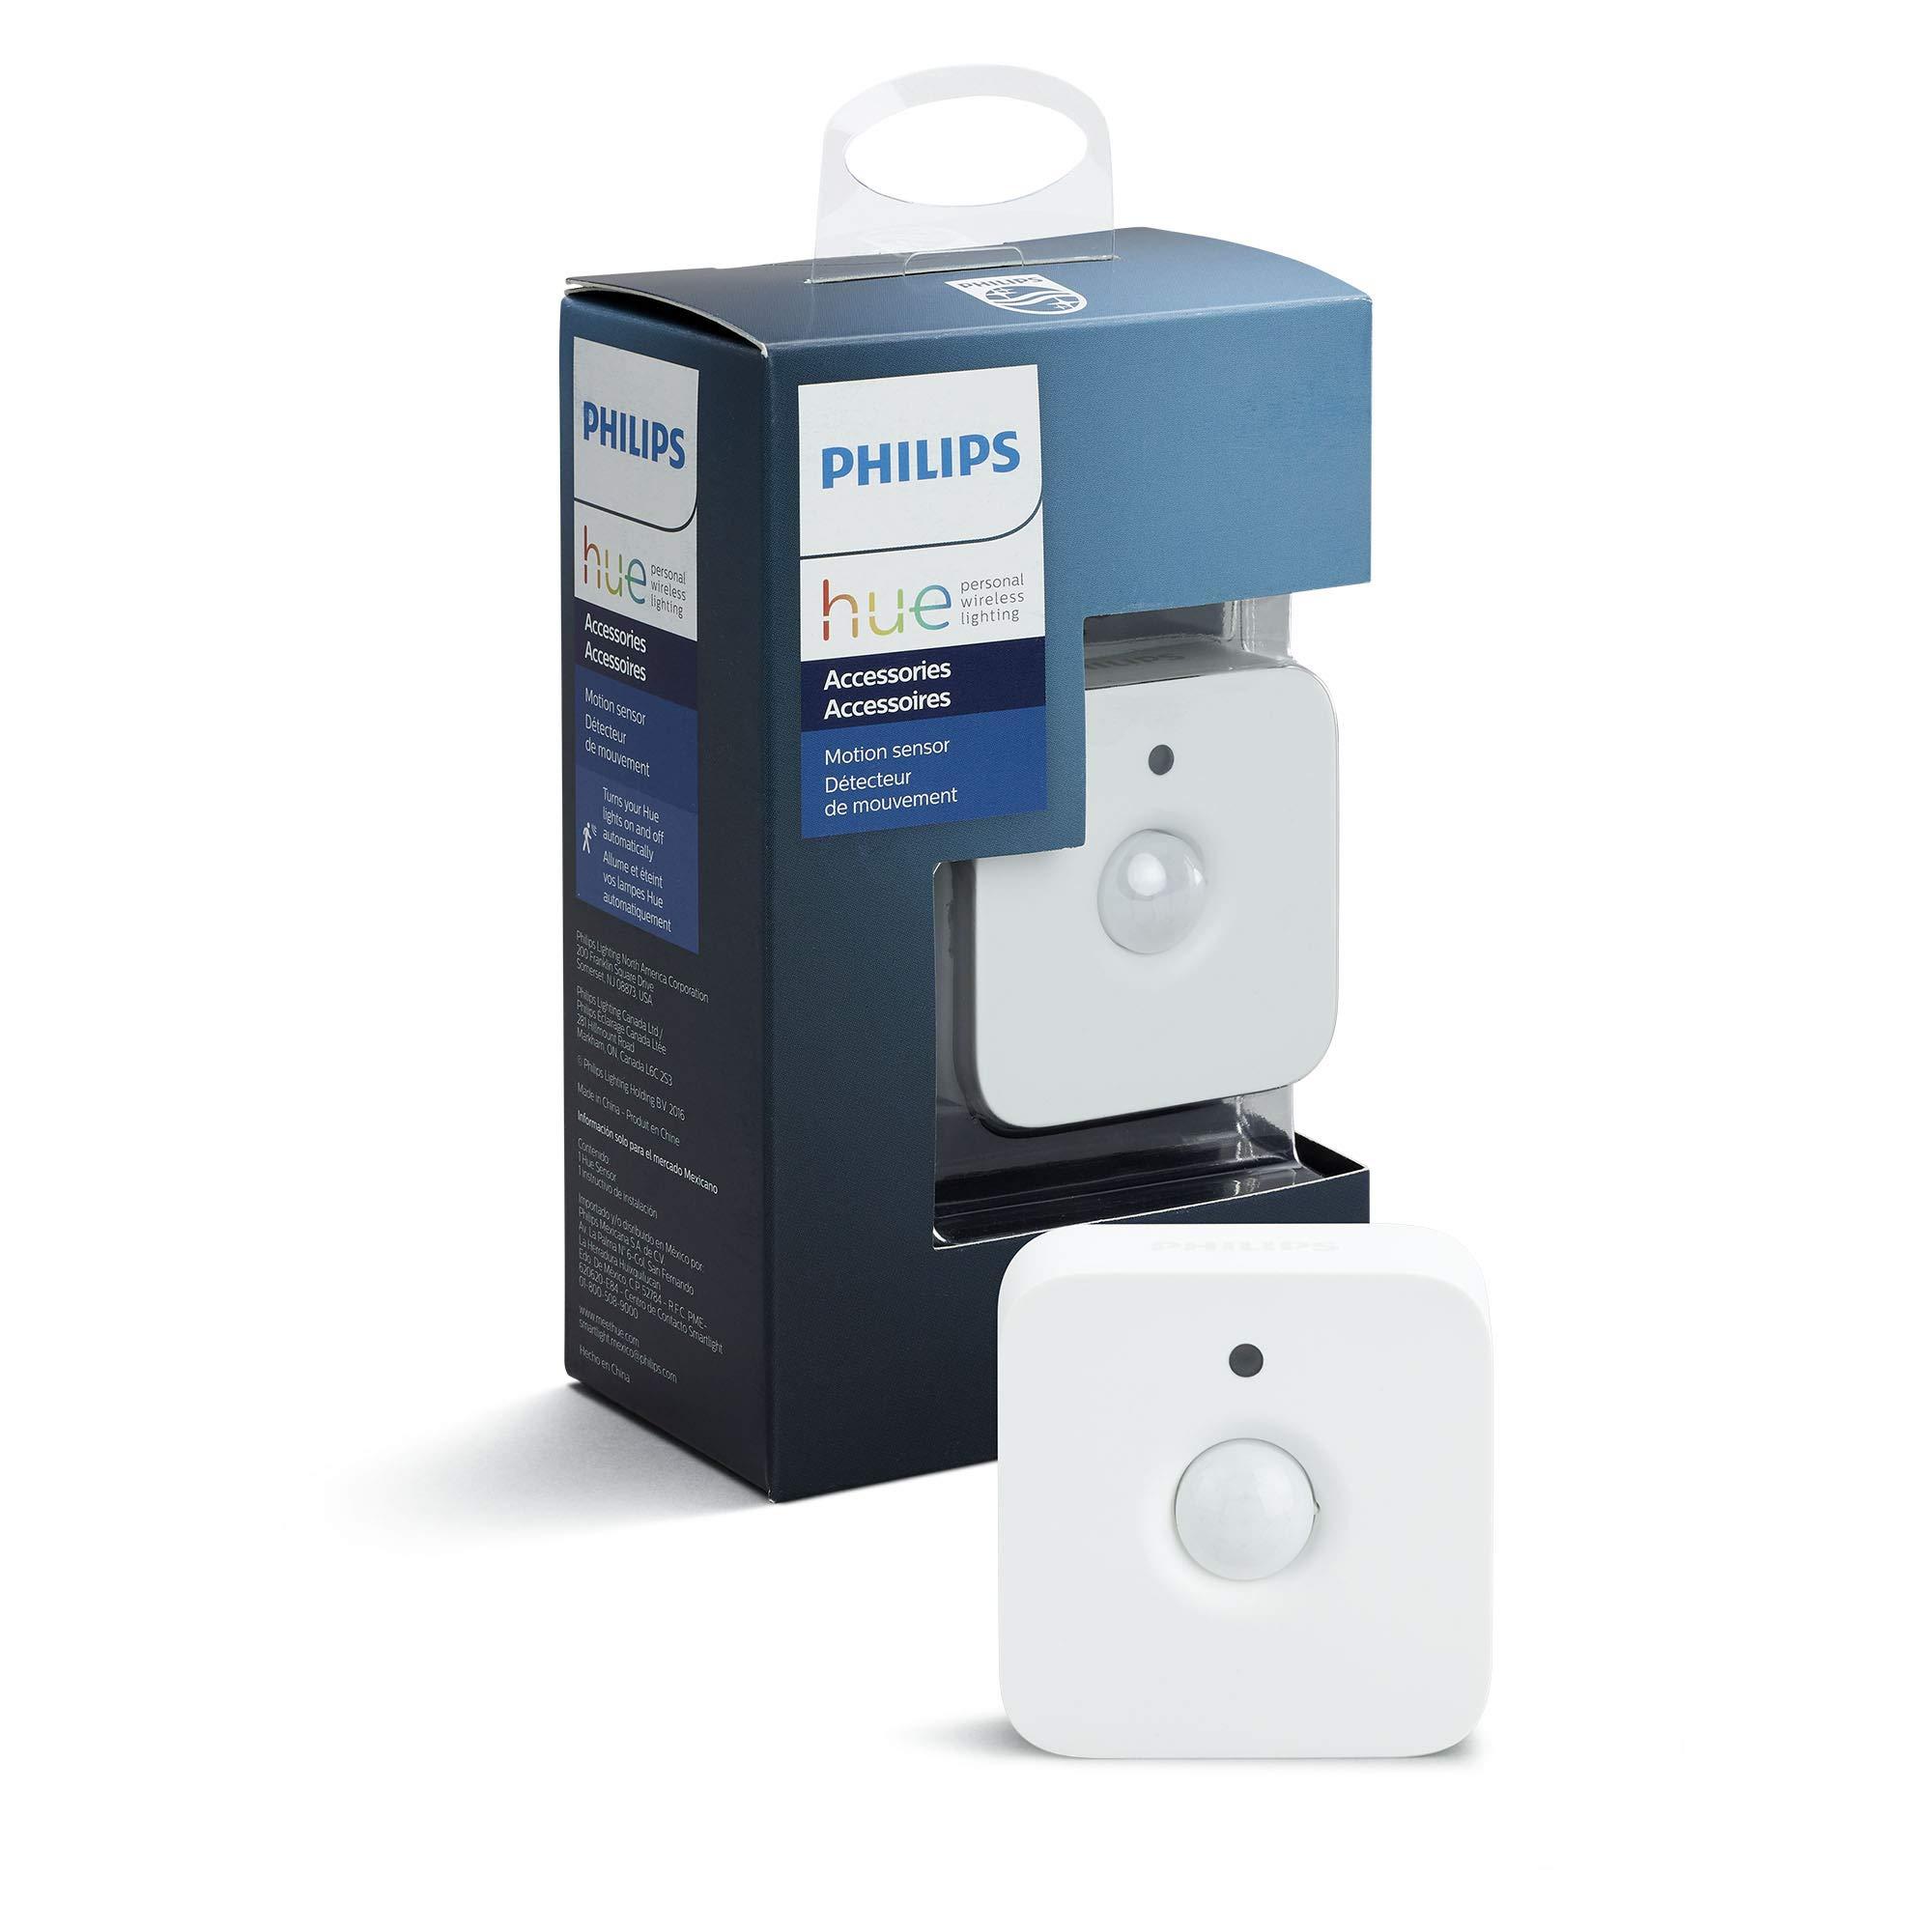 Philips Hue Bewegungssensor intelligenter Bewegungsmelder integrierter Tageslichtsensor Zubehör für Ihr Philips Hue System